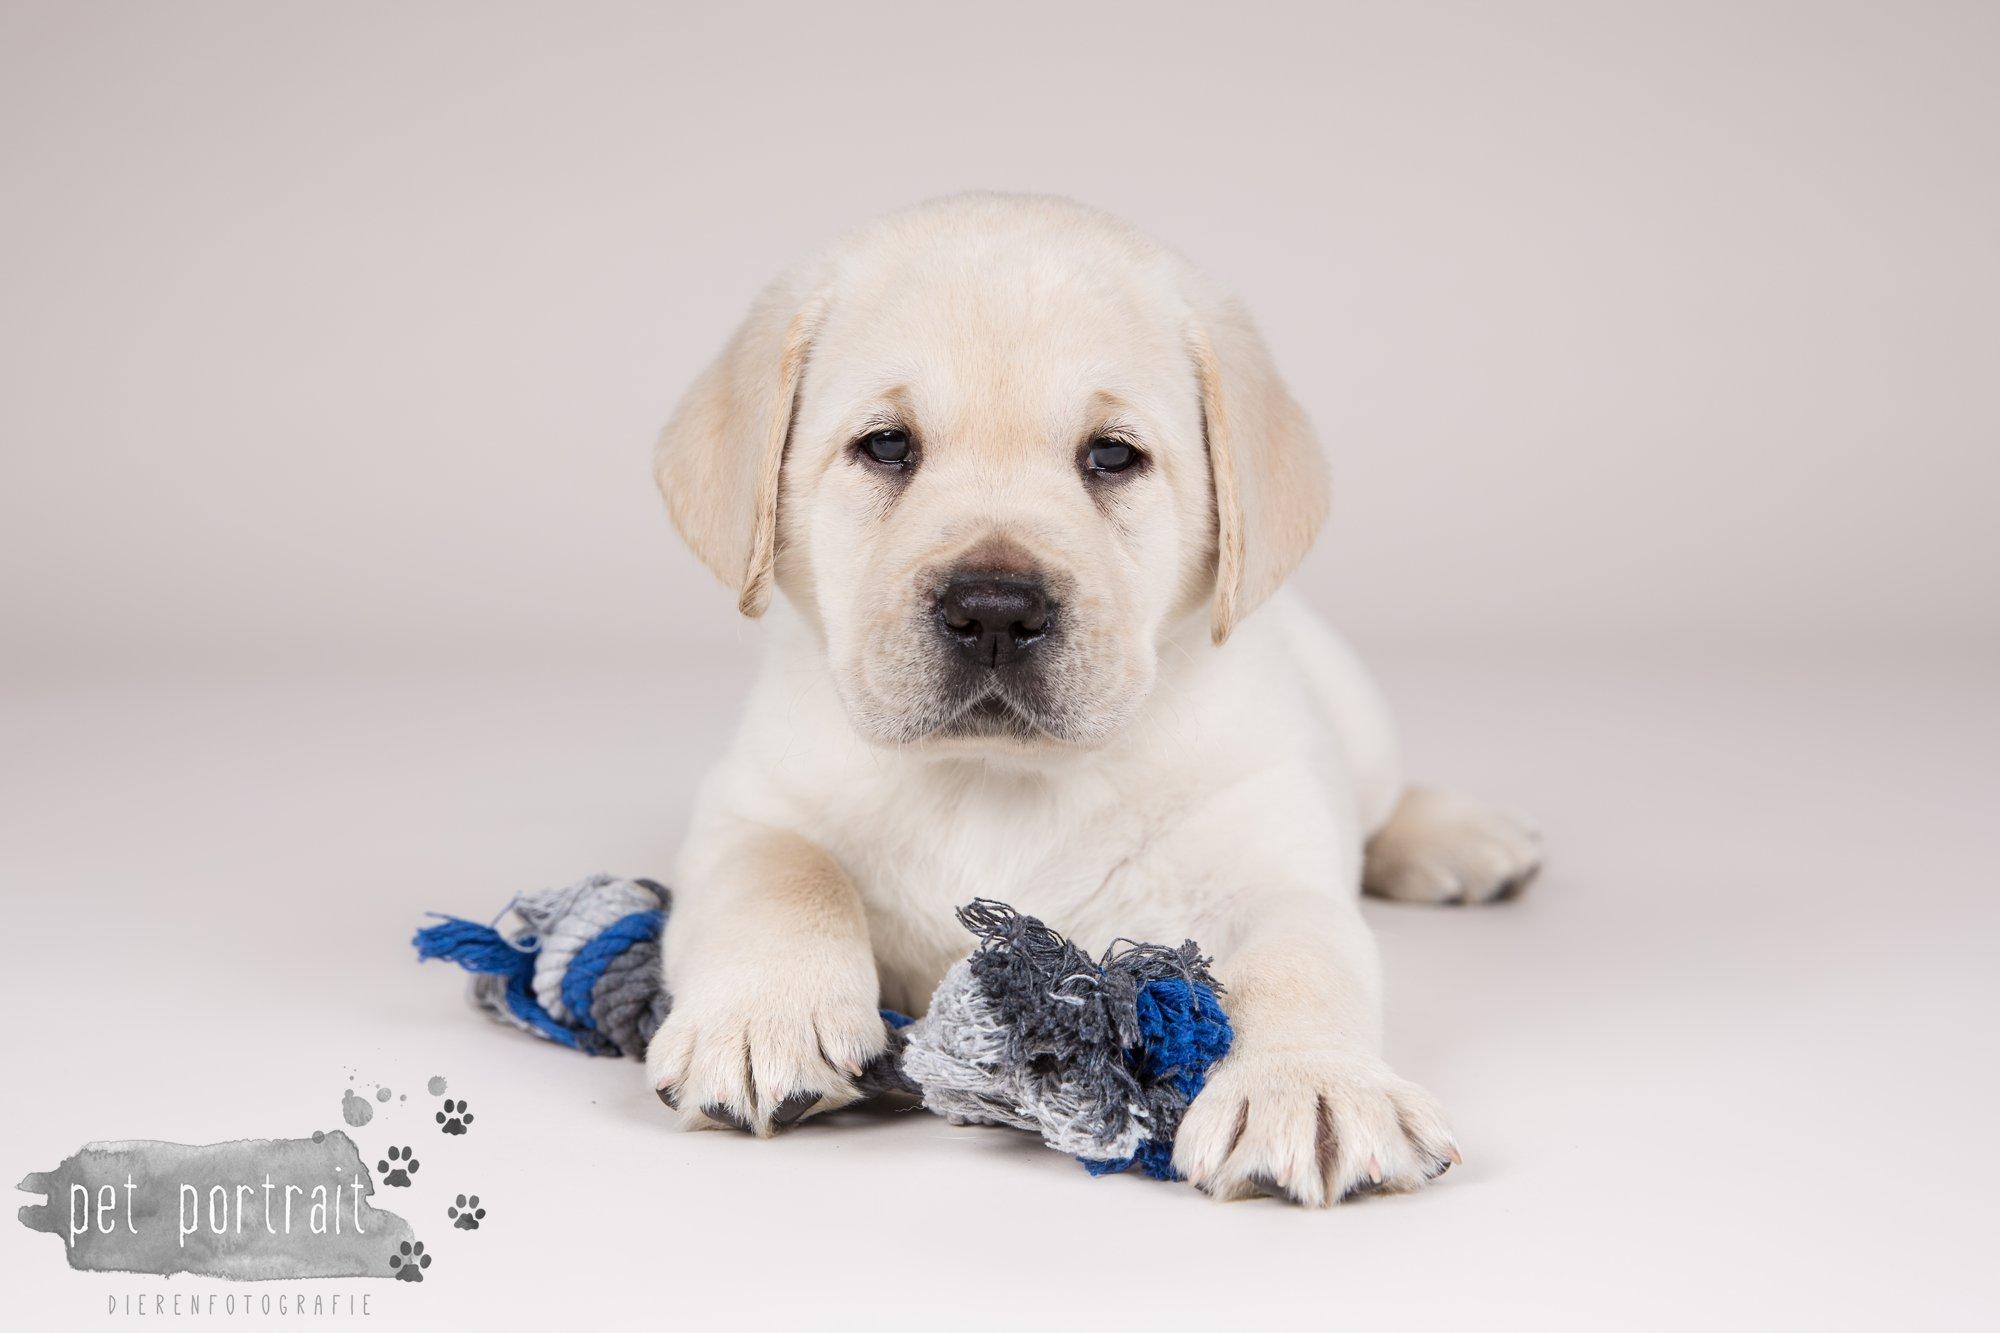 Hondenfotograaf Hillegom - Nestfotoshoot voor Labrador pups-9